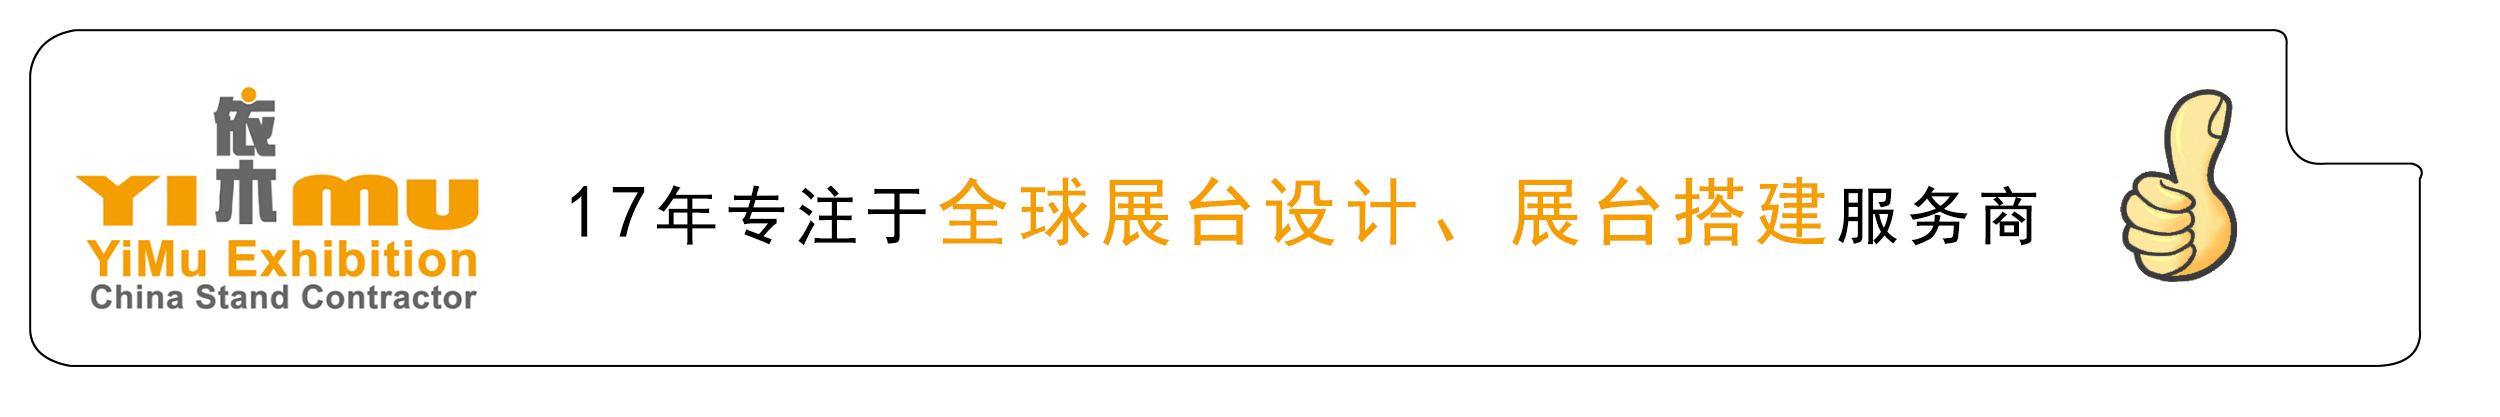 上海法兰克福汽配展于今日在国家会展中心正式开幕